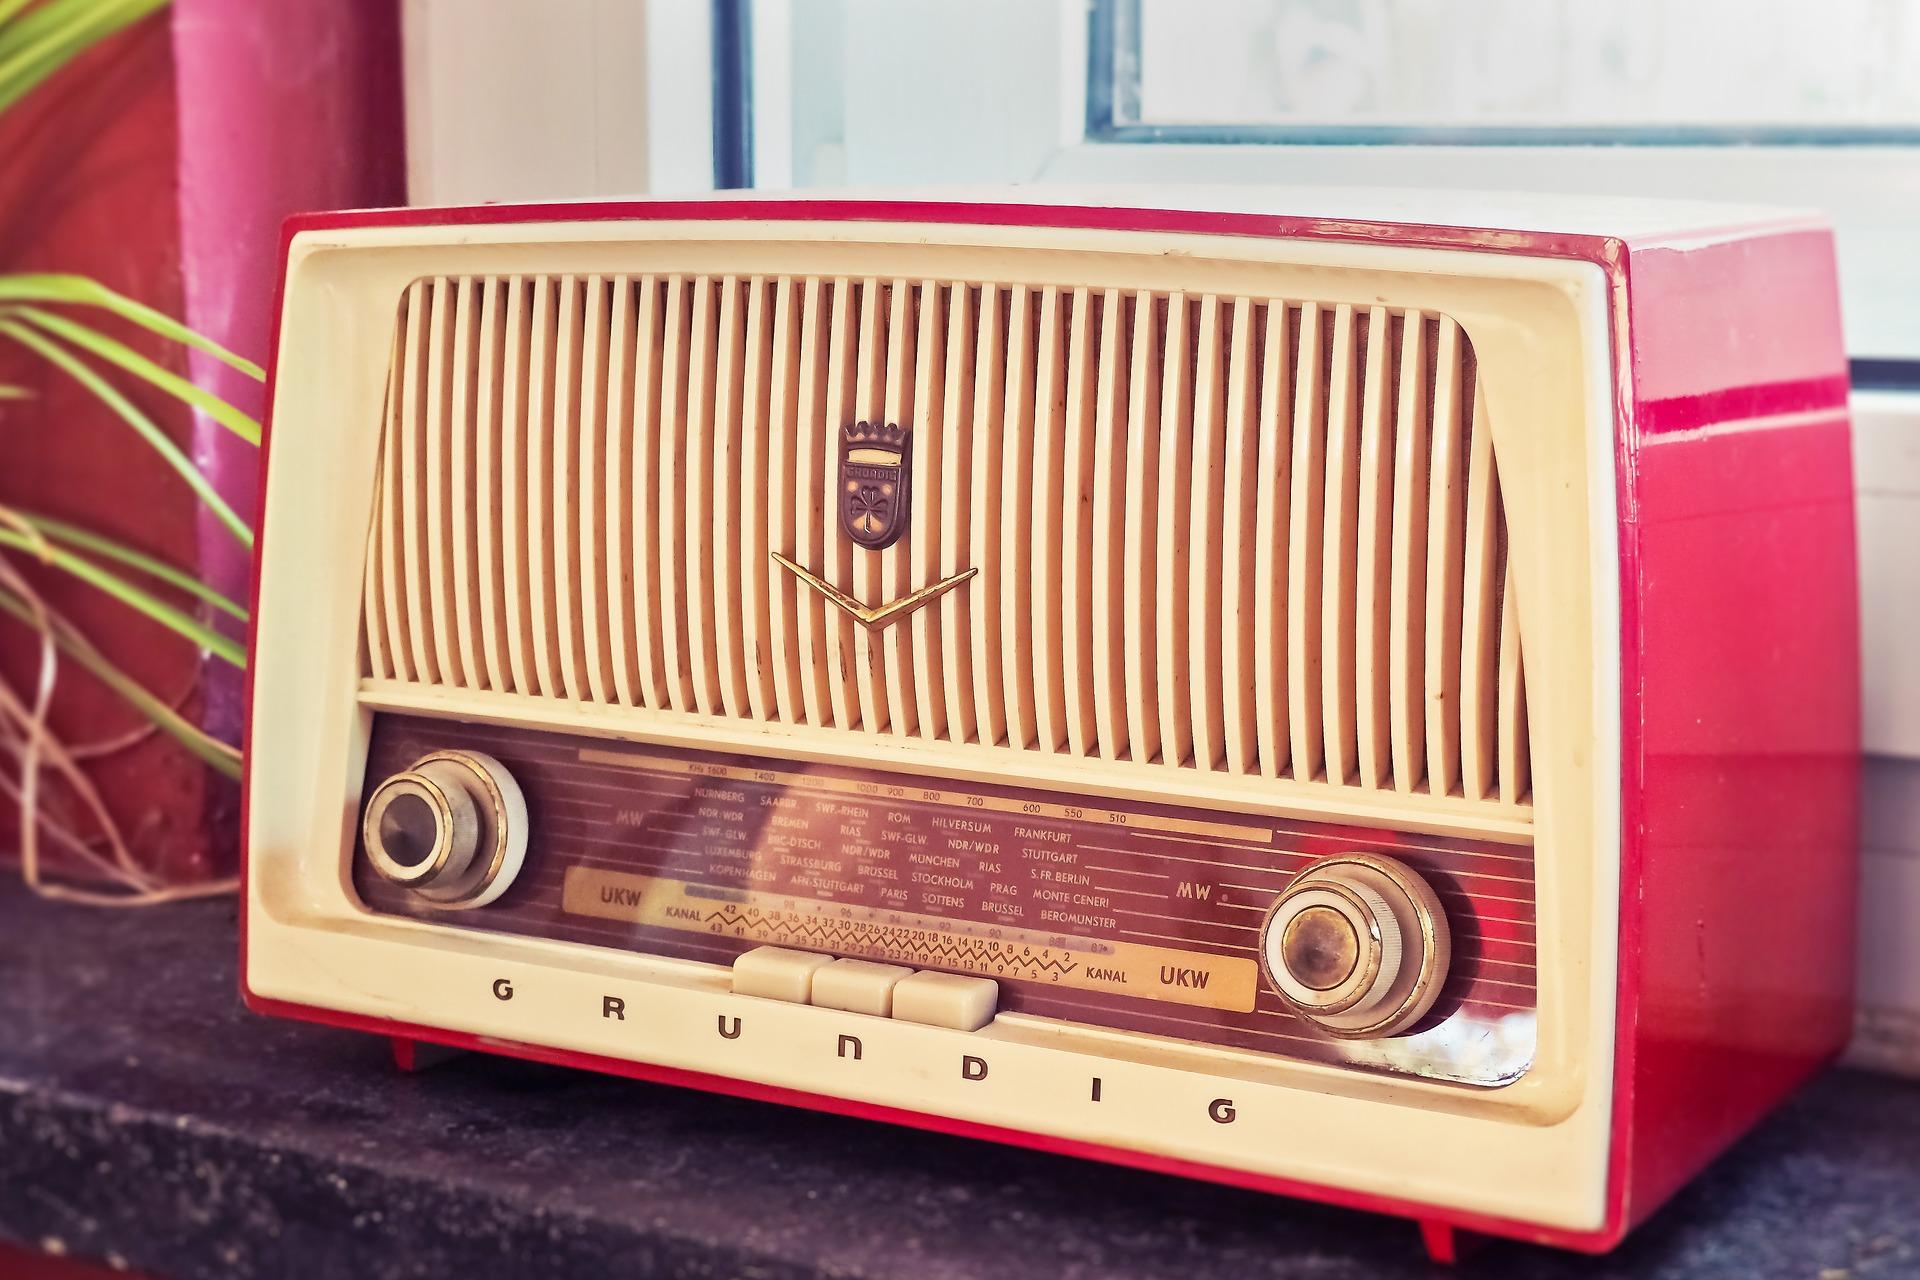 radio-3623299_1920